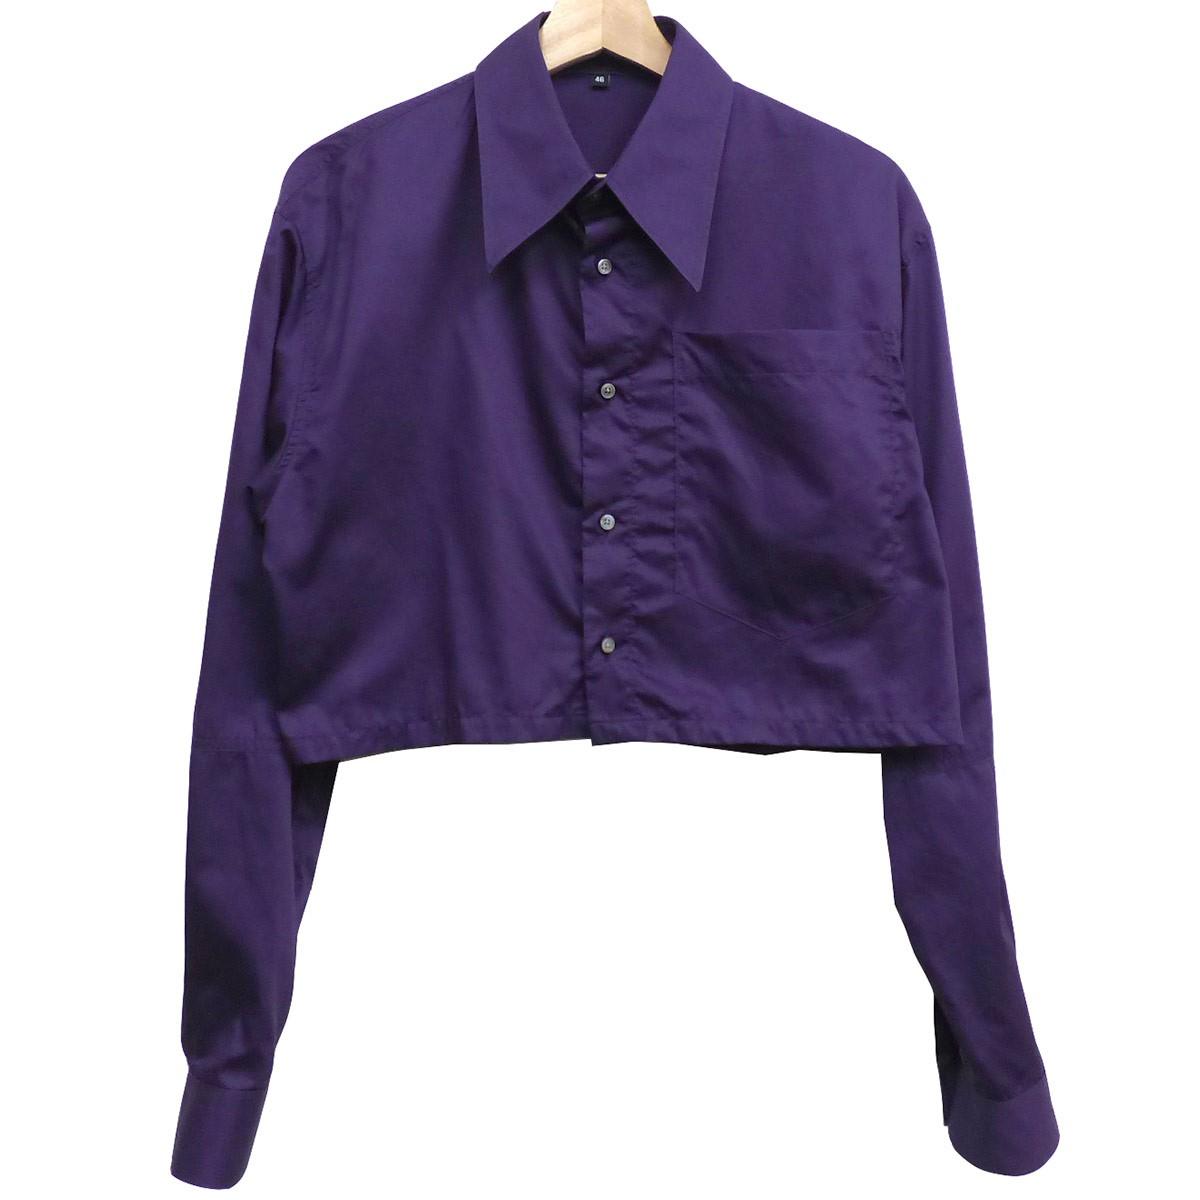 【中古】XANDER ZHOU 17AW Short Length L/S Shirtショート丈シャツ パープル サイズ:46 【送料無料】 【080419】(サンダーゾウ)